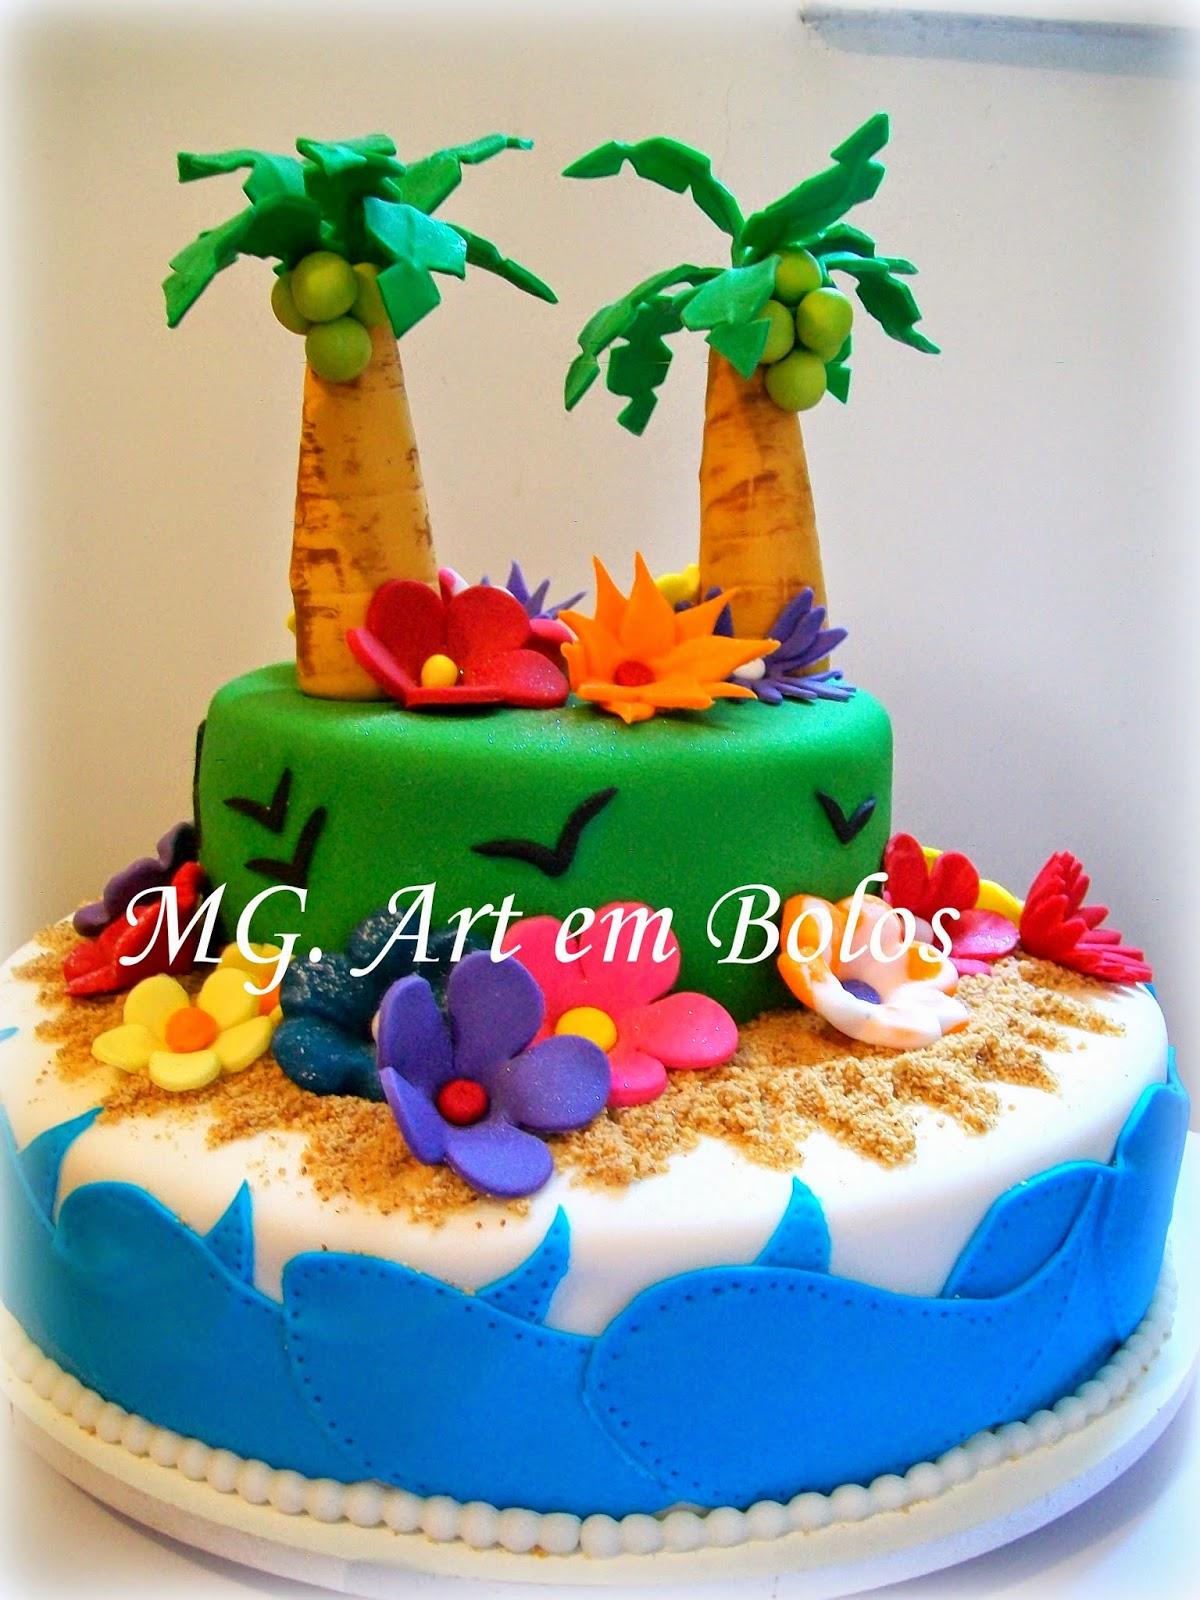 MG Art em Bolos Bolo Luau